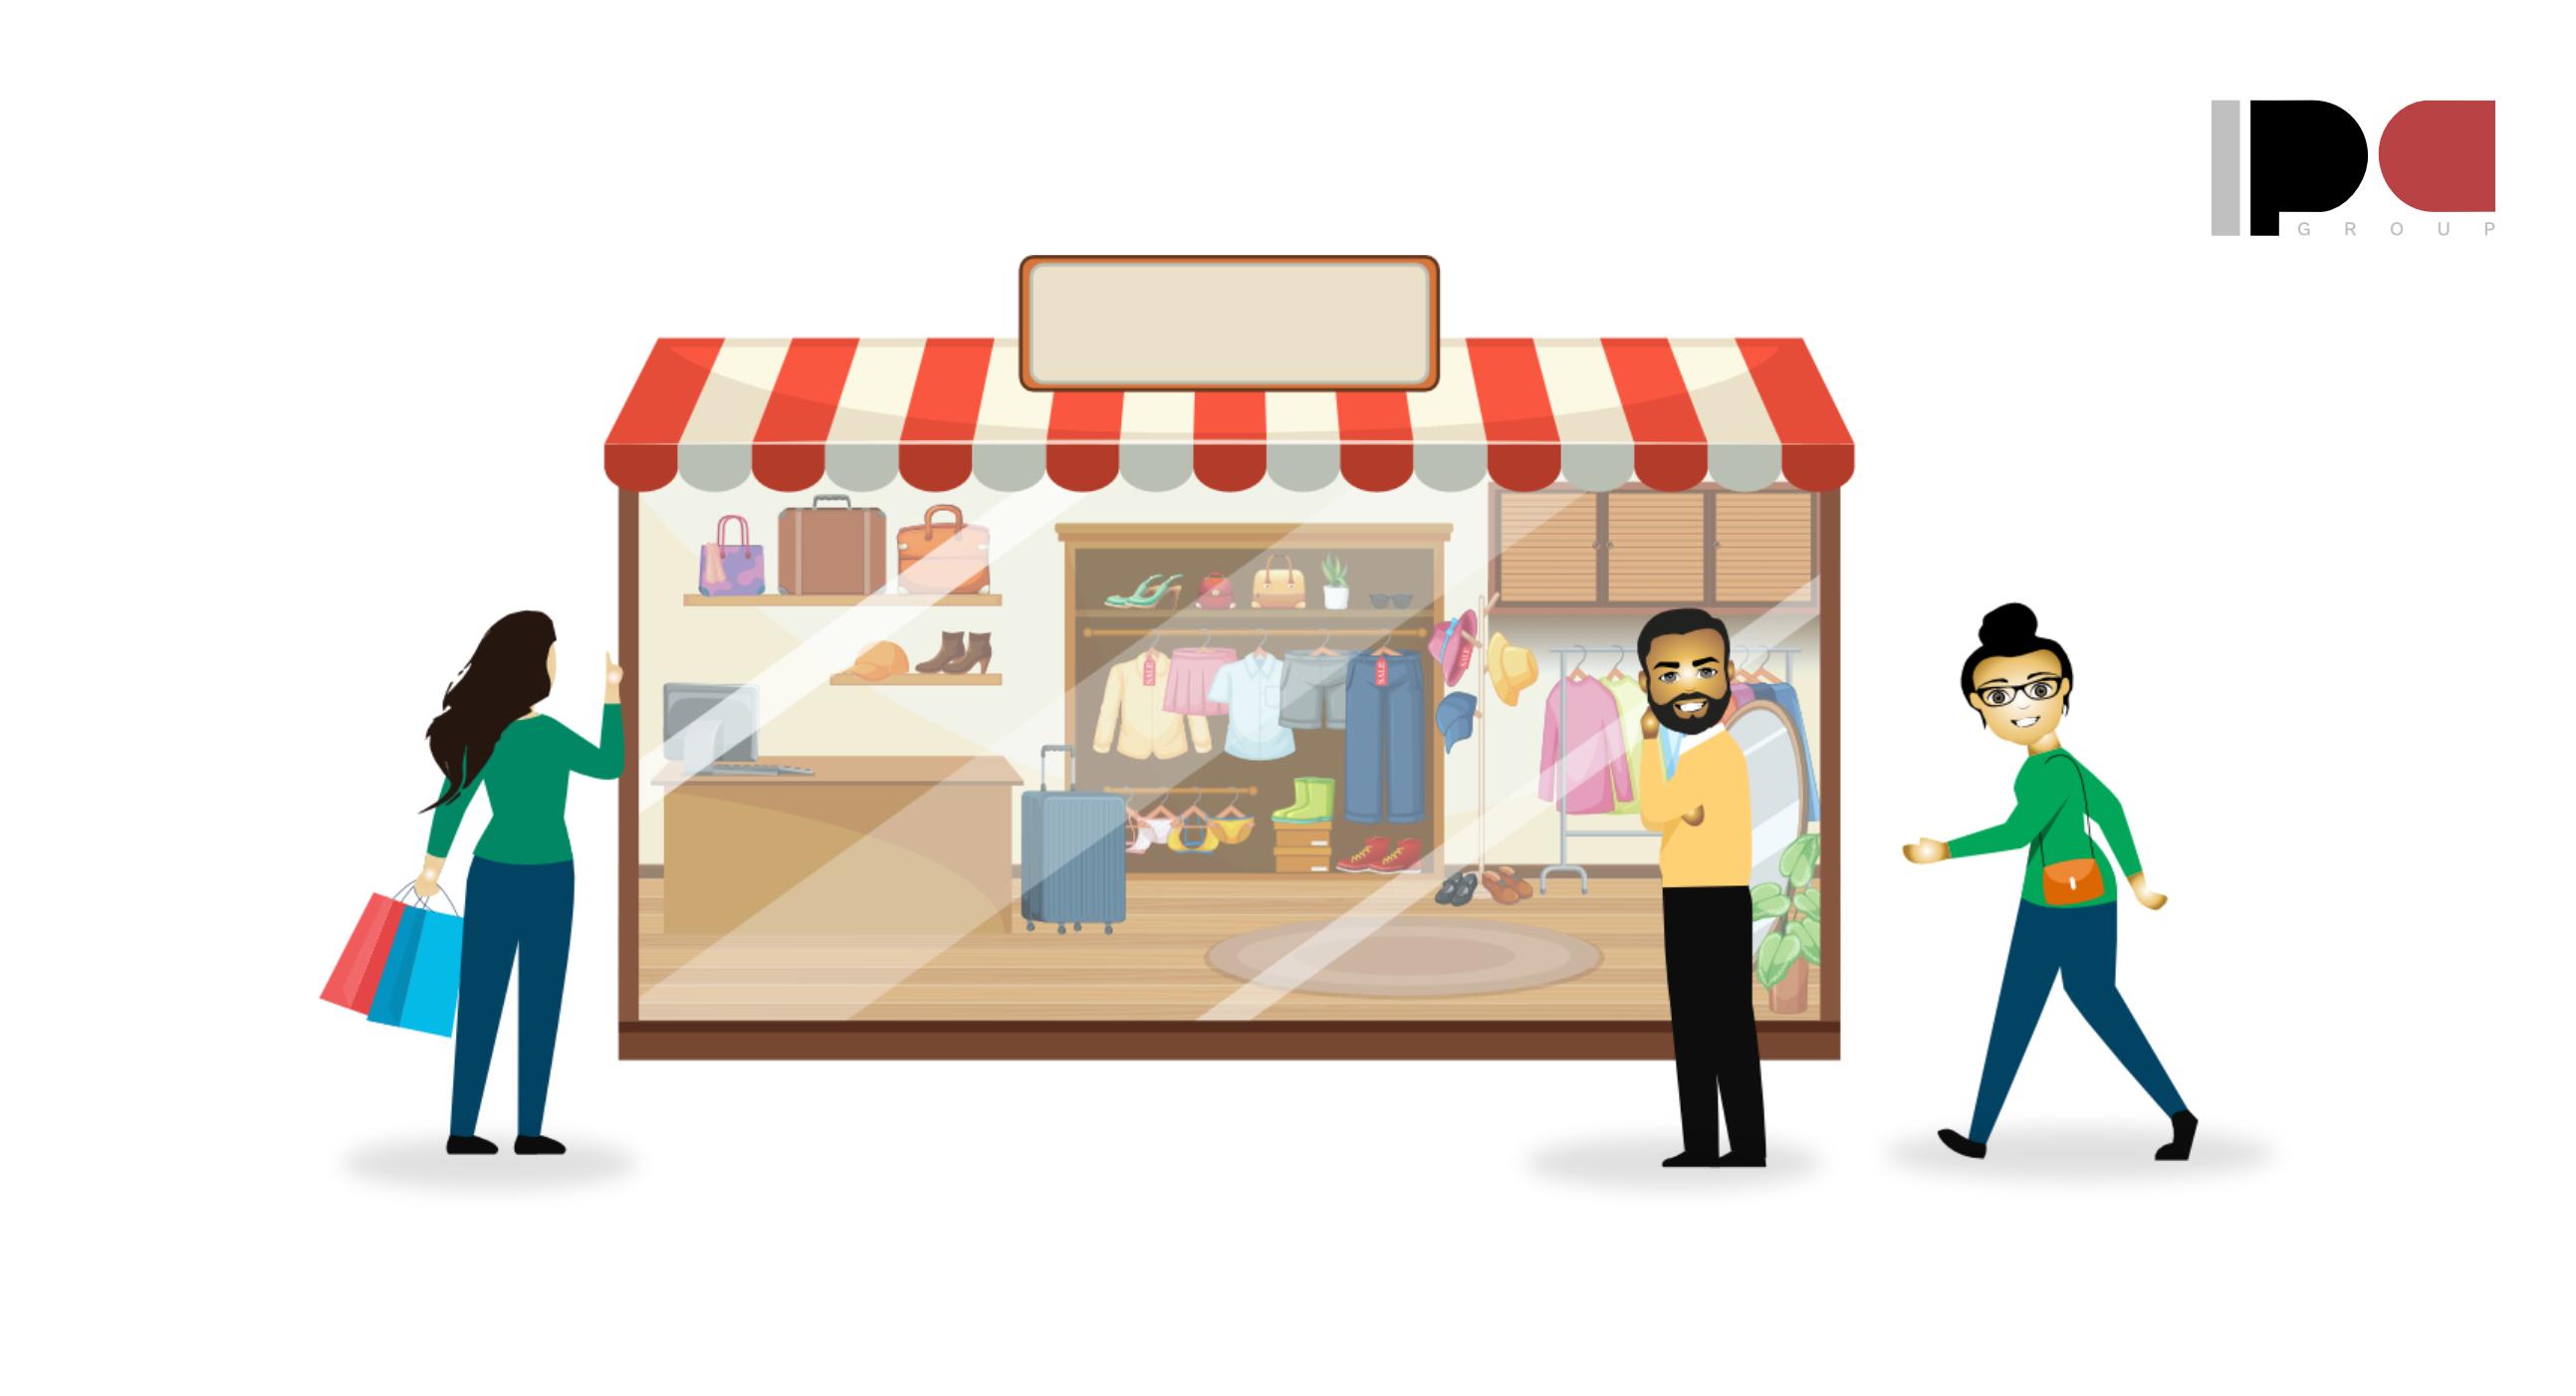 Compas en locales y tiendas